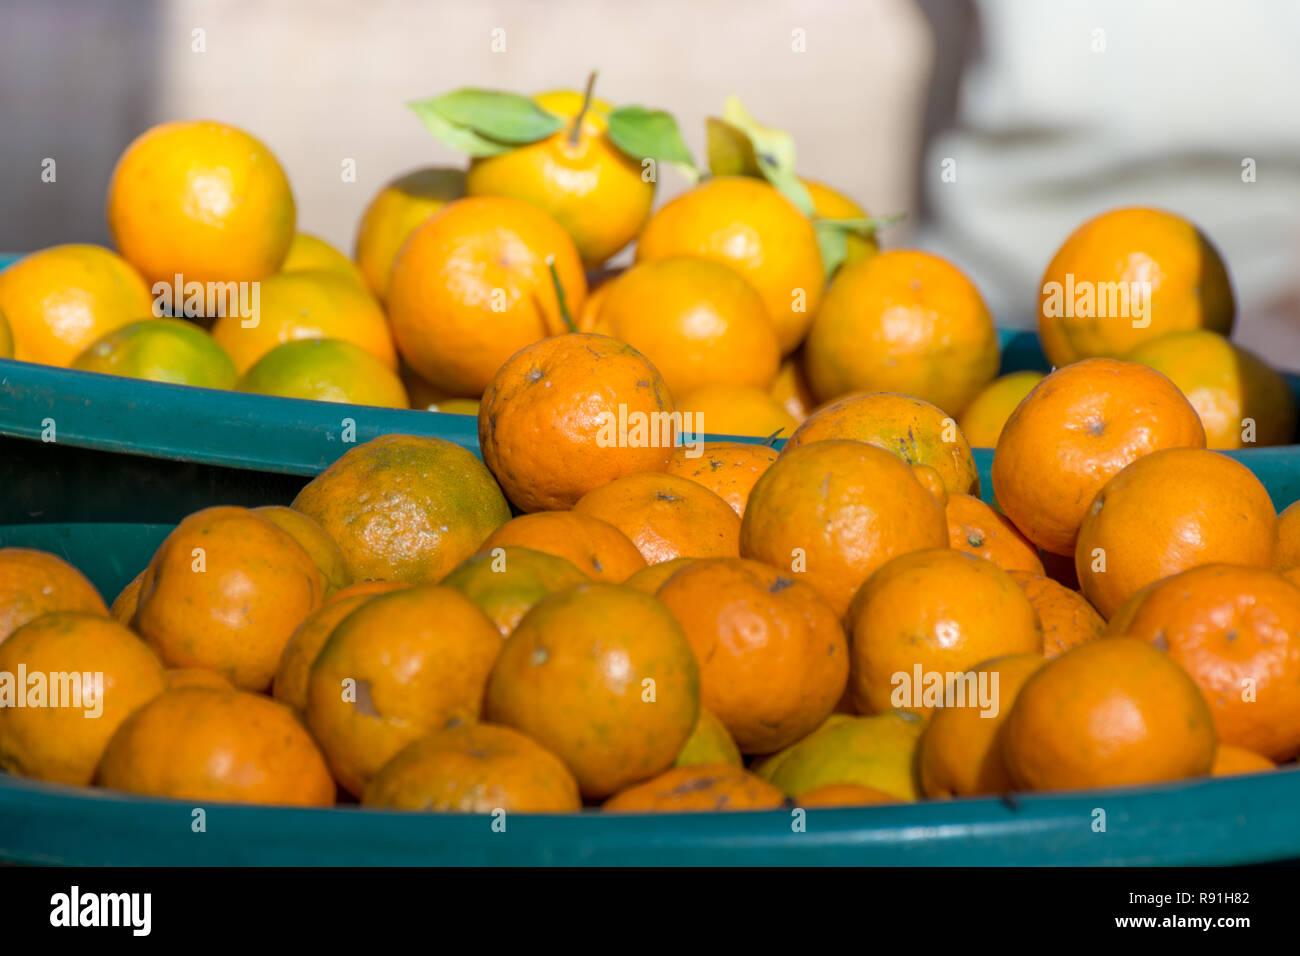 Fresh oranges, oranges background, bunch of fresh organic oranges - Stock Image